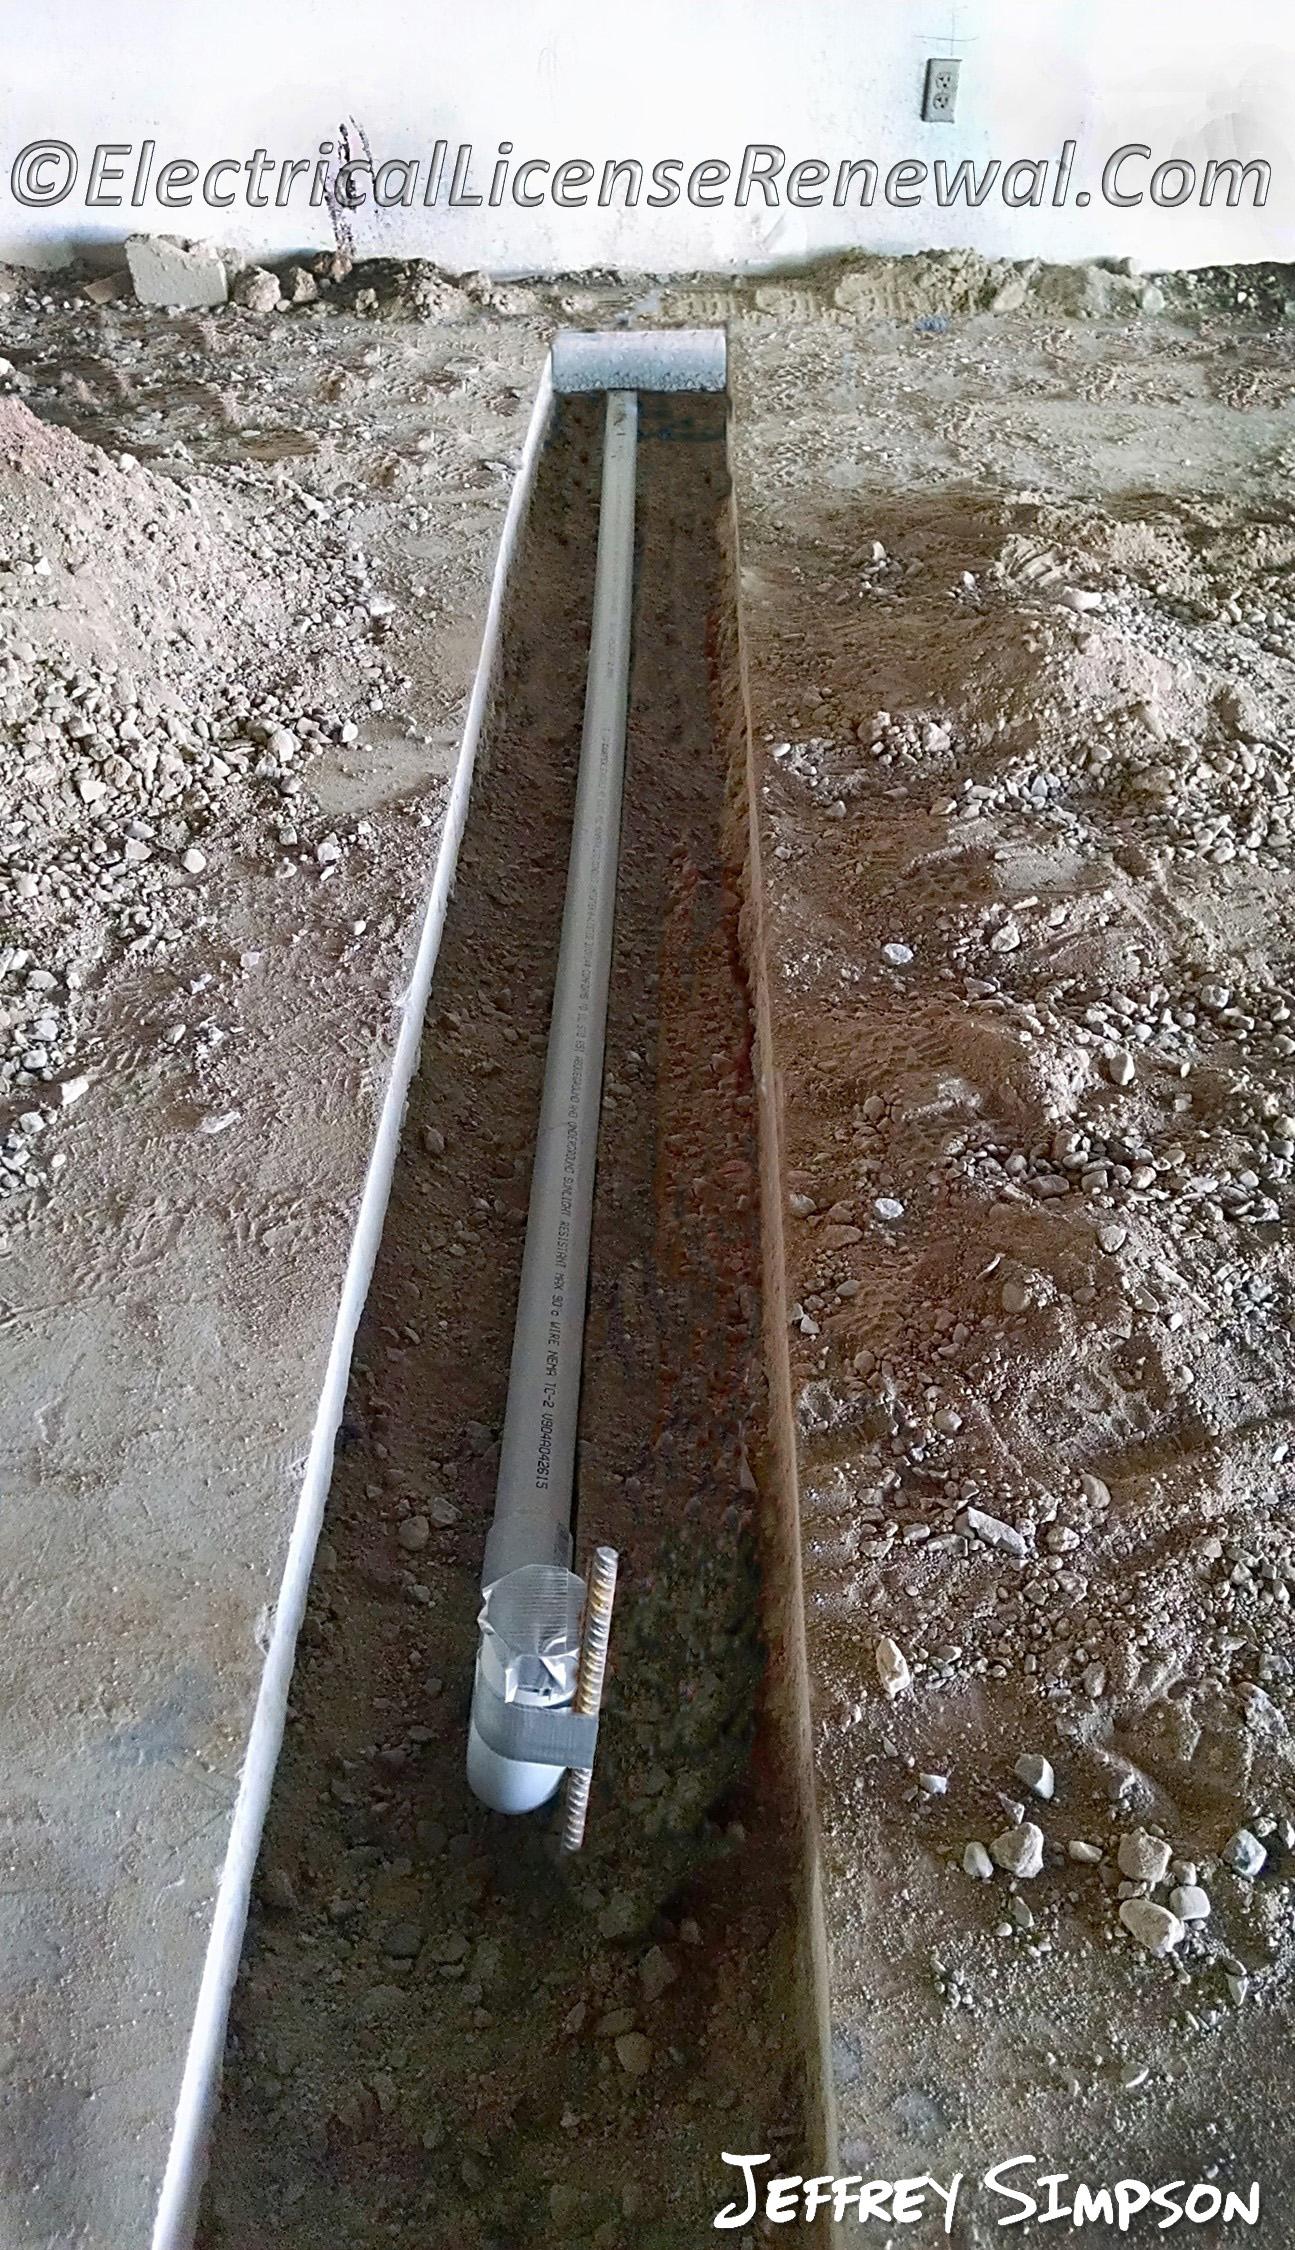 511.8 Underground Wiring. on underground wire in shorts, underground transmission, underground generator,